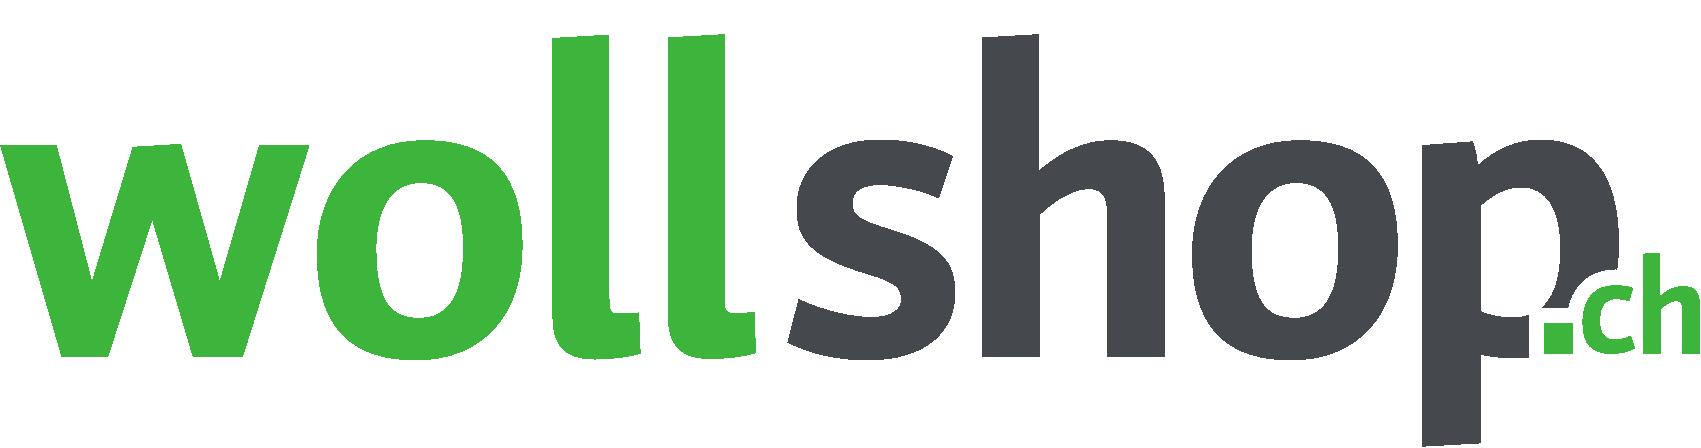 wollshop.ch